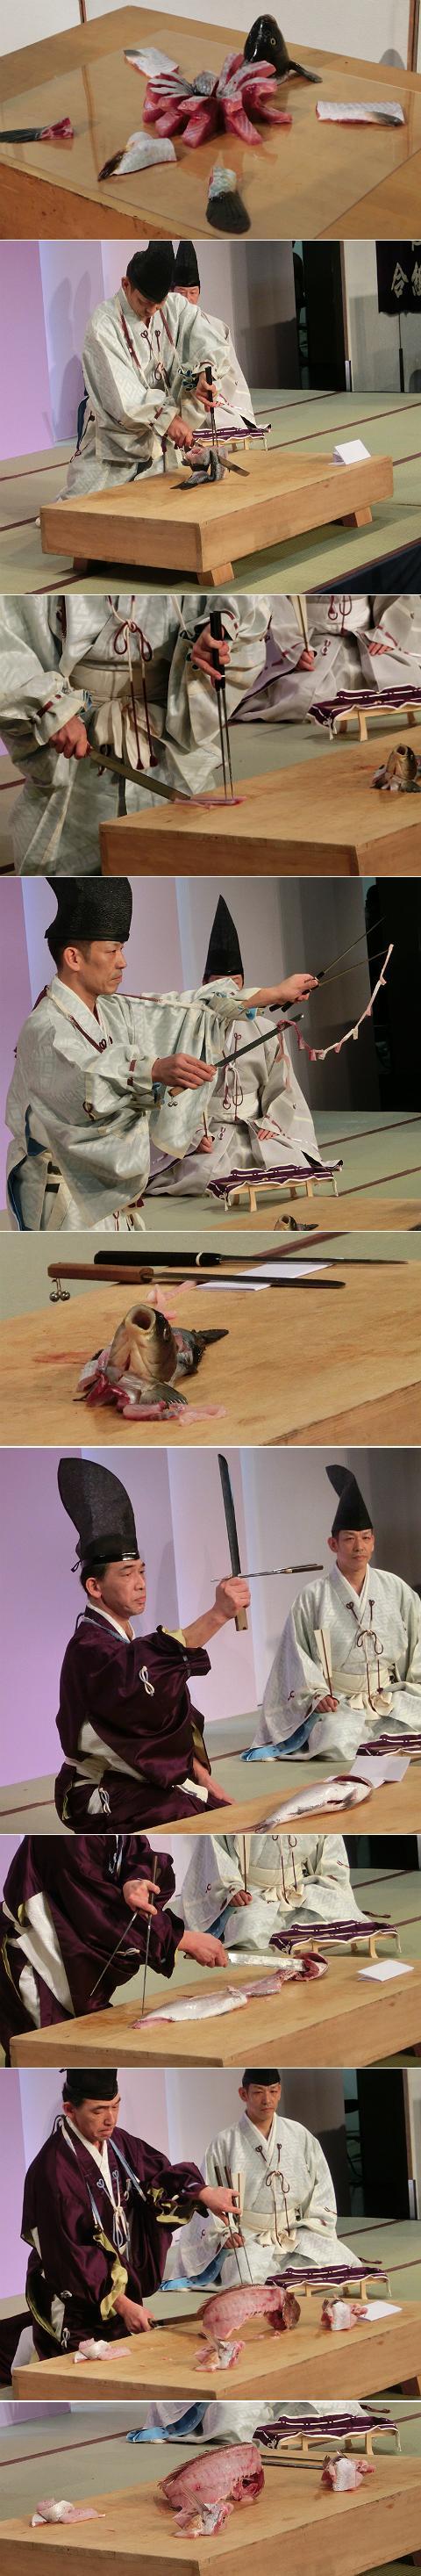 第108回 京料理展示大会 生間流式庖丁